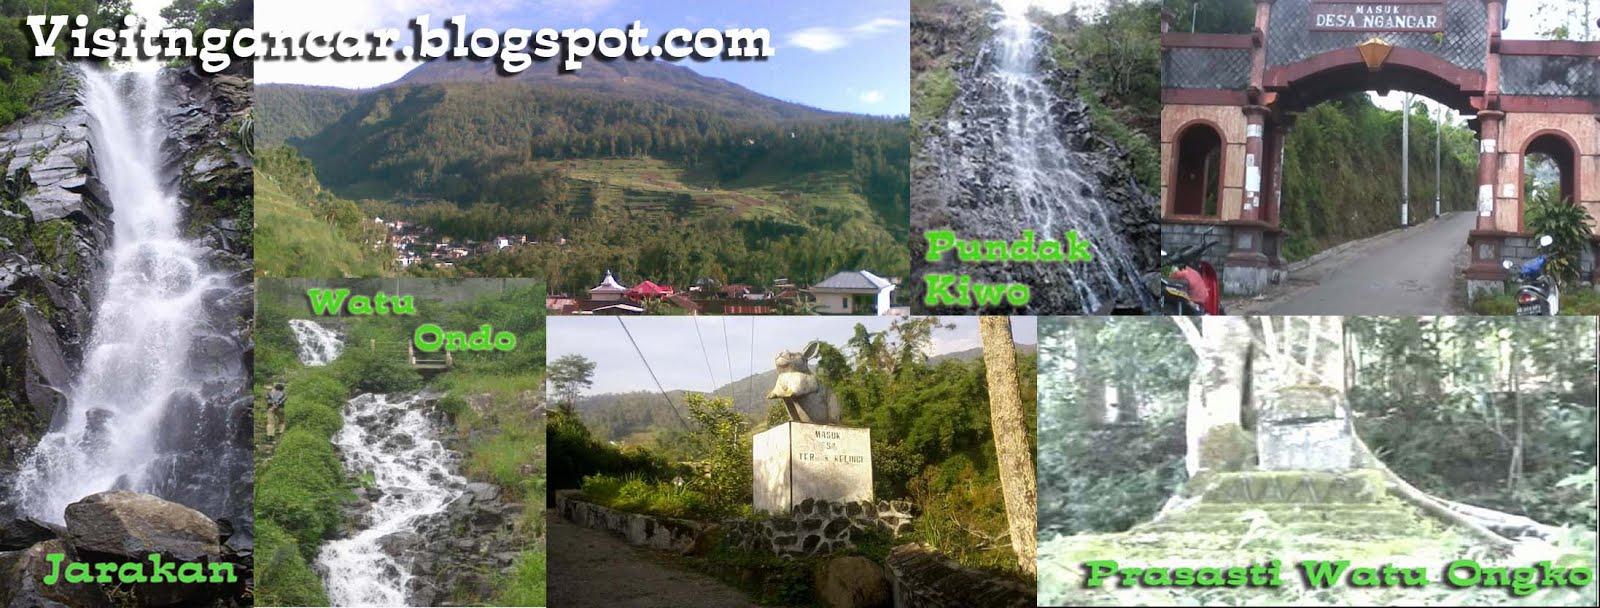 visit ngancar